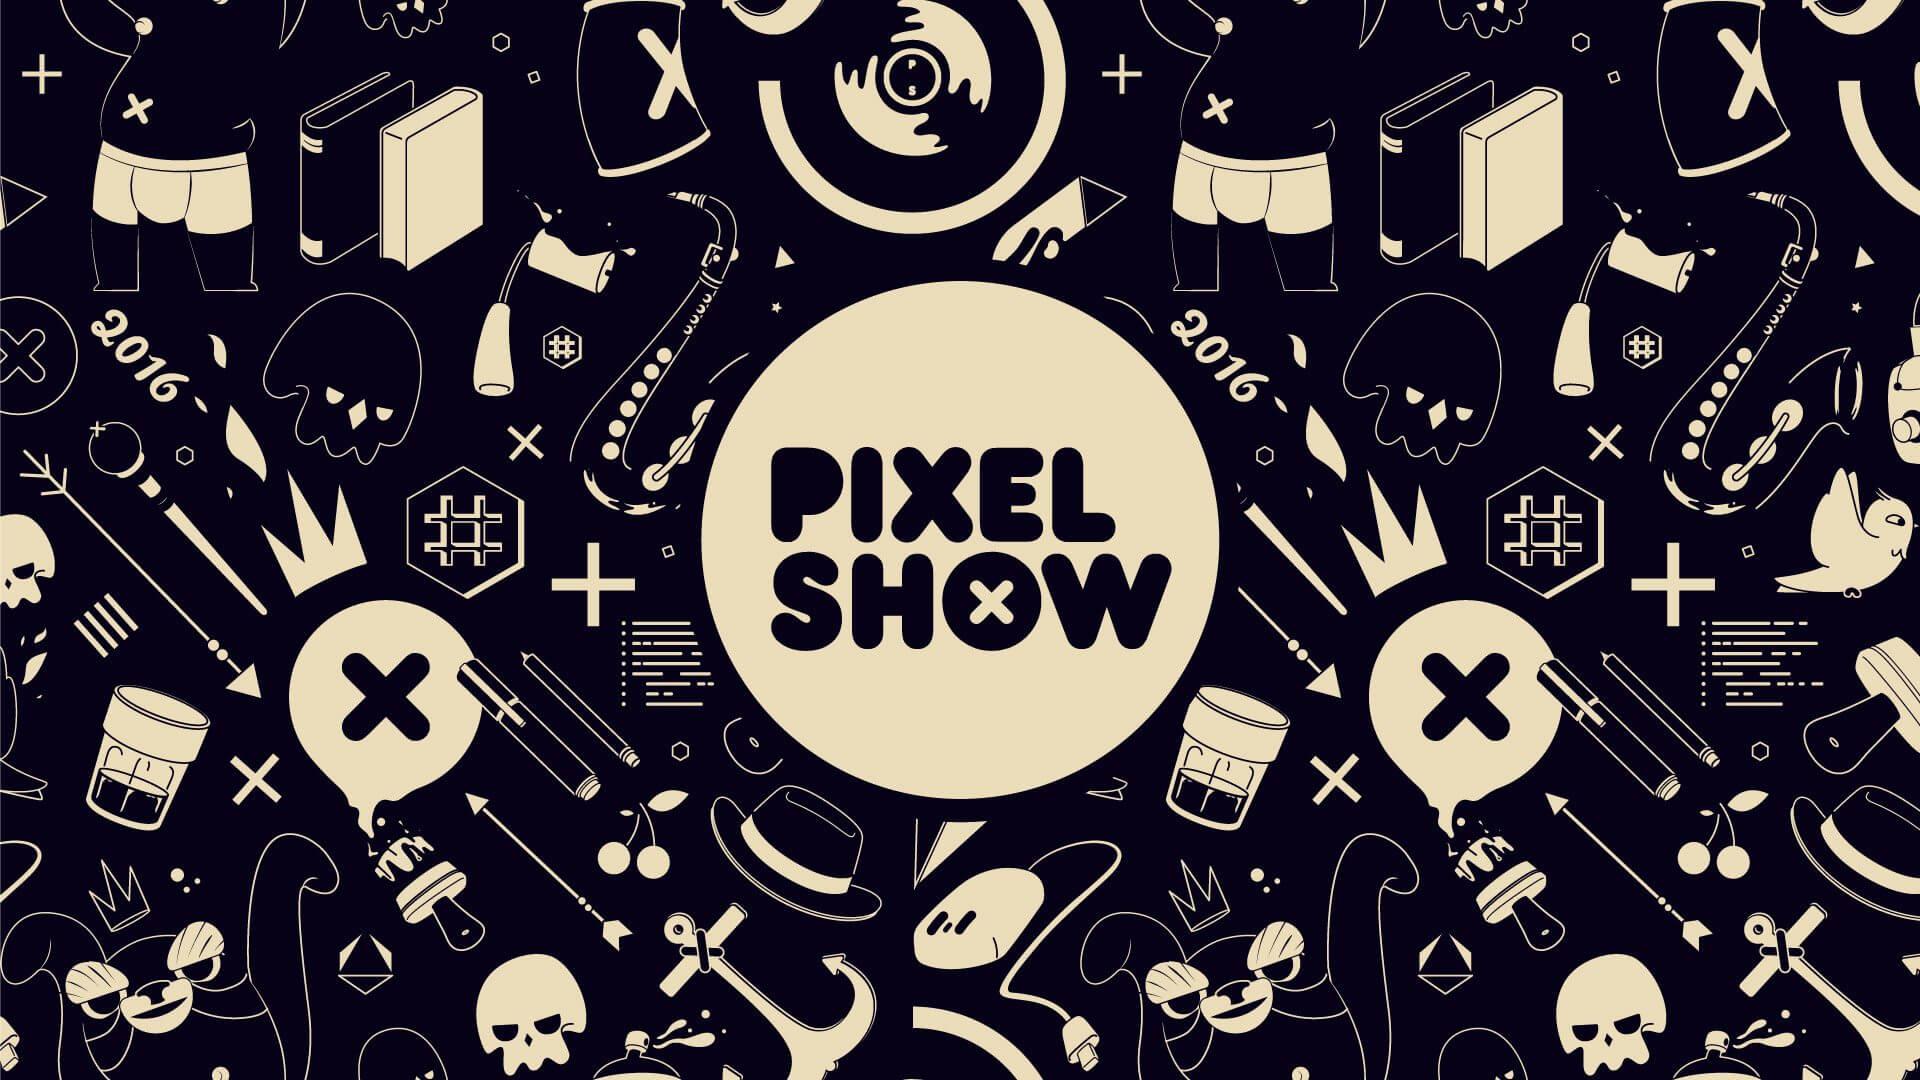 Pixel Show acontecerá nesse final de semana e contará com a presença de influenciadores